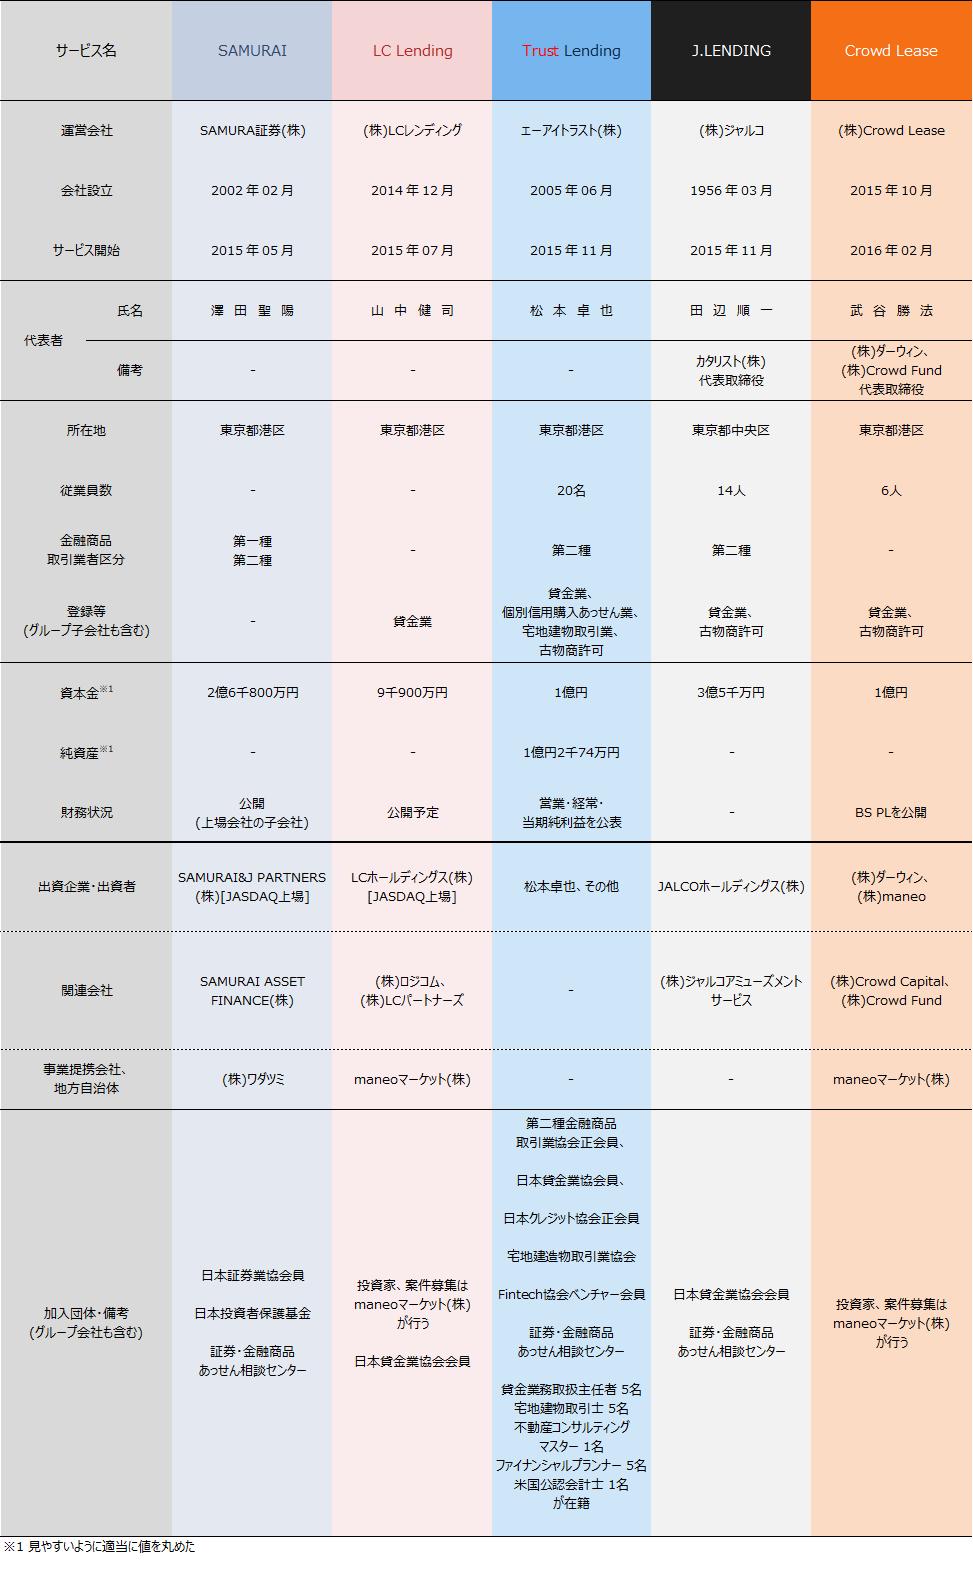 ソーシャルレンディング各社比較2018年12月期02